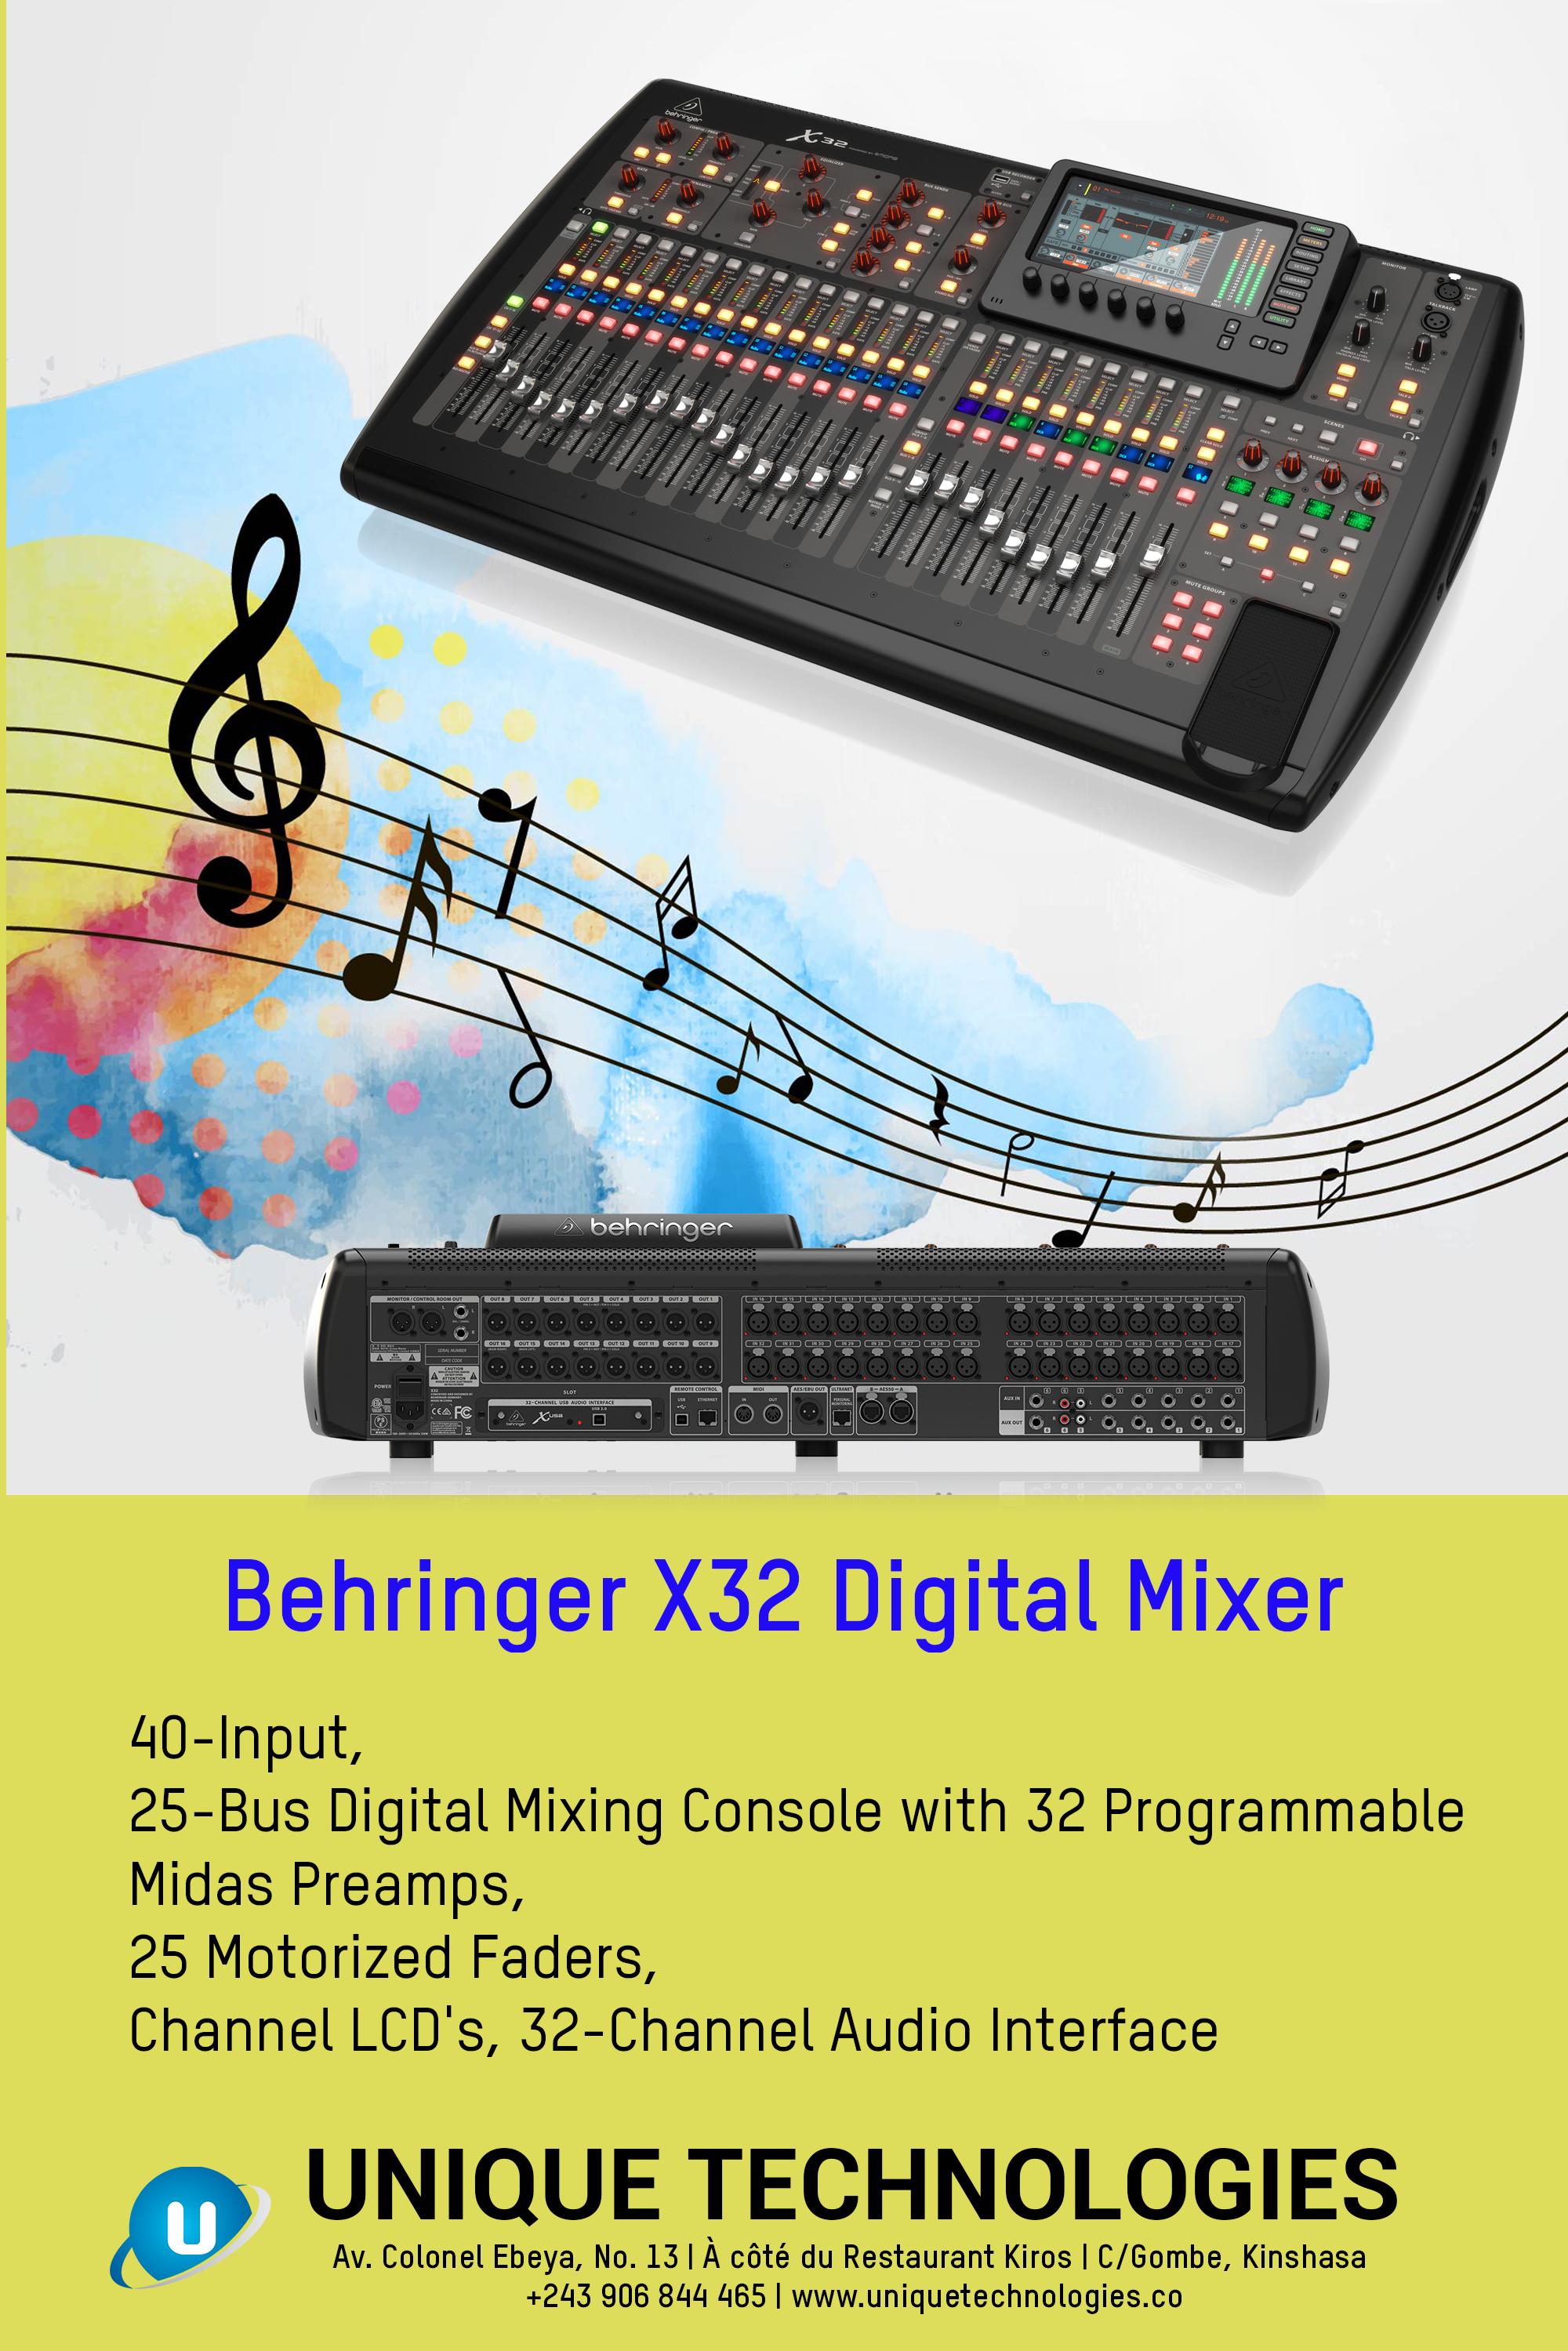 Behringer X32 Digital Mixer In 2020 Music System Digital Behringer X32